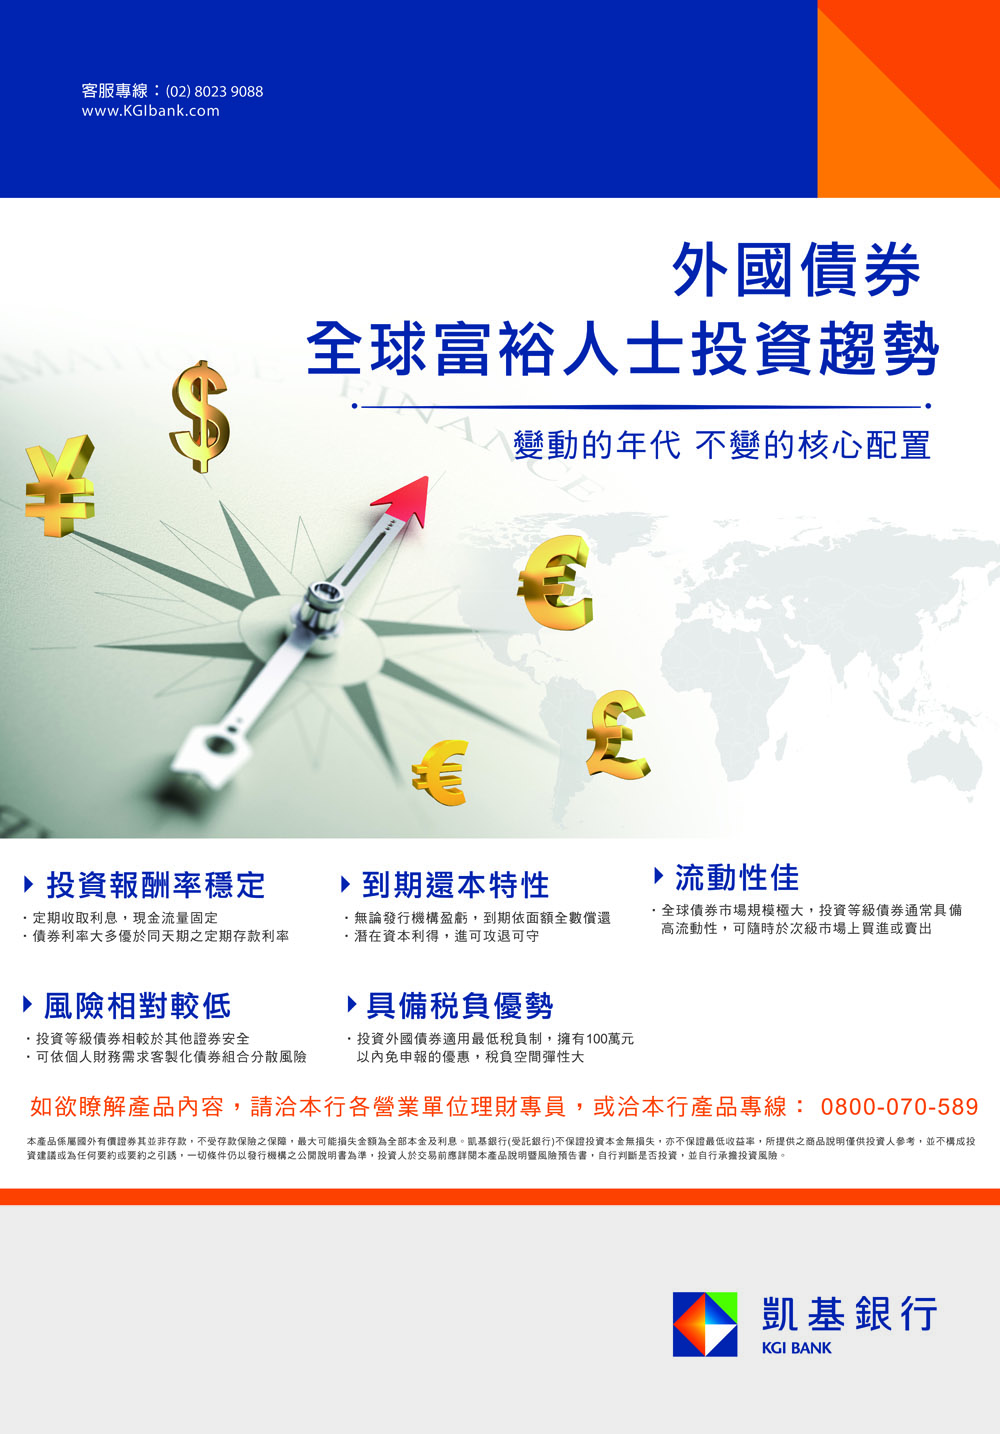 萬泰銀行-投資(海報)